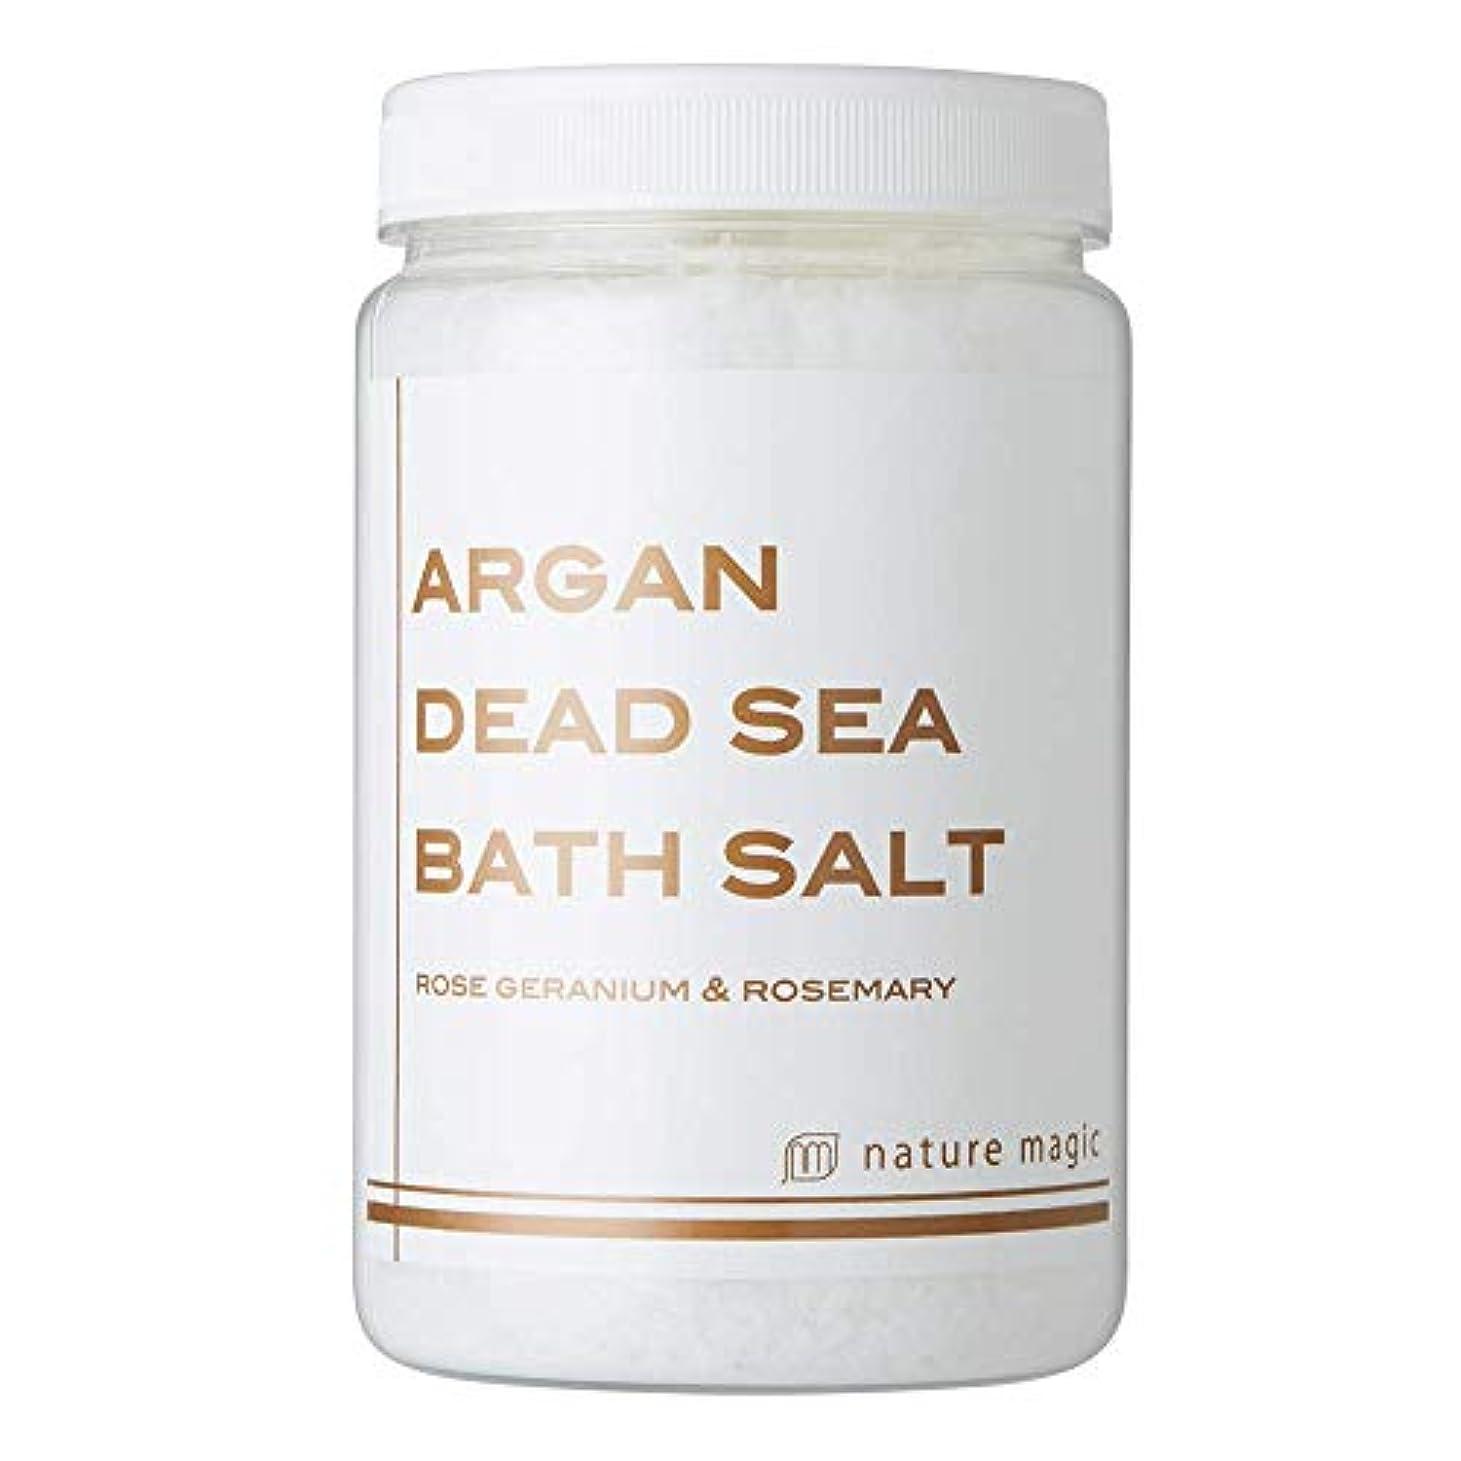 男性石同級生【死海の天然塩にアルガンオイルを配合した全身ポカポカ、お肌つるつる入浴剤】アルガンデッドシーバスソルト